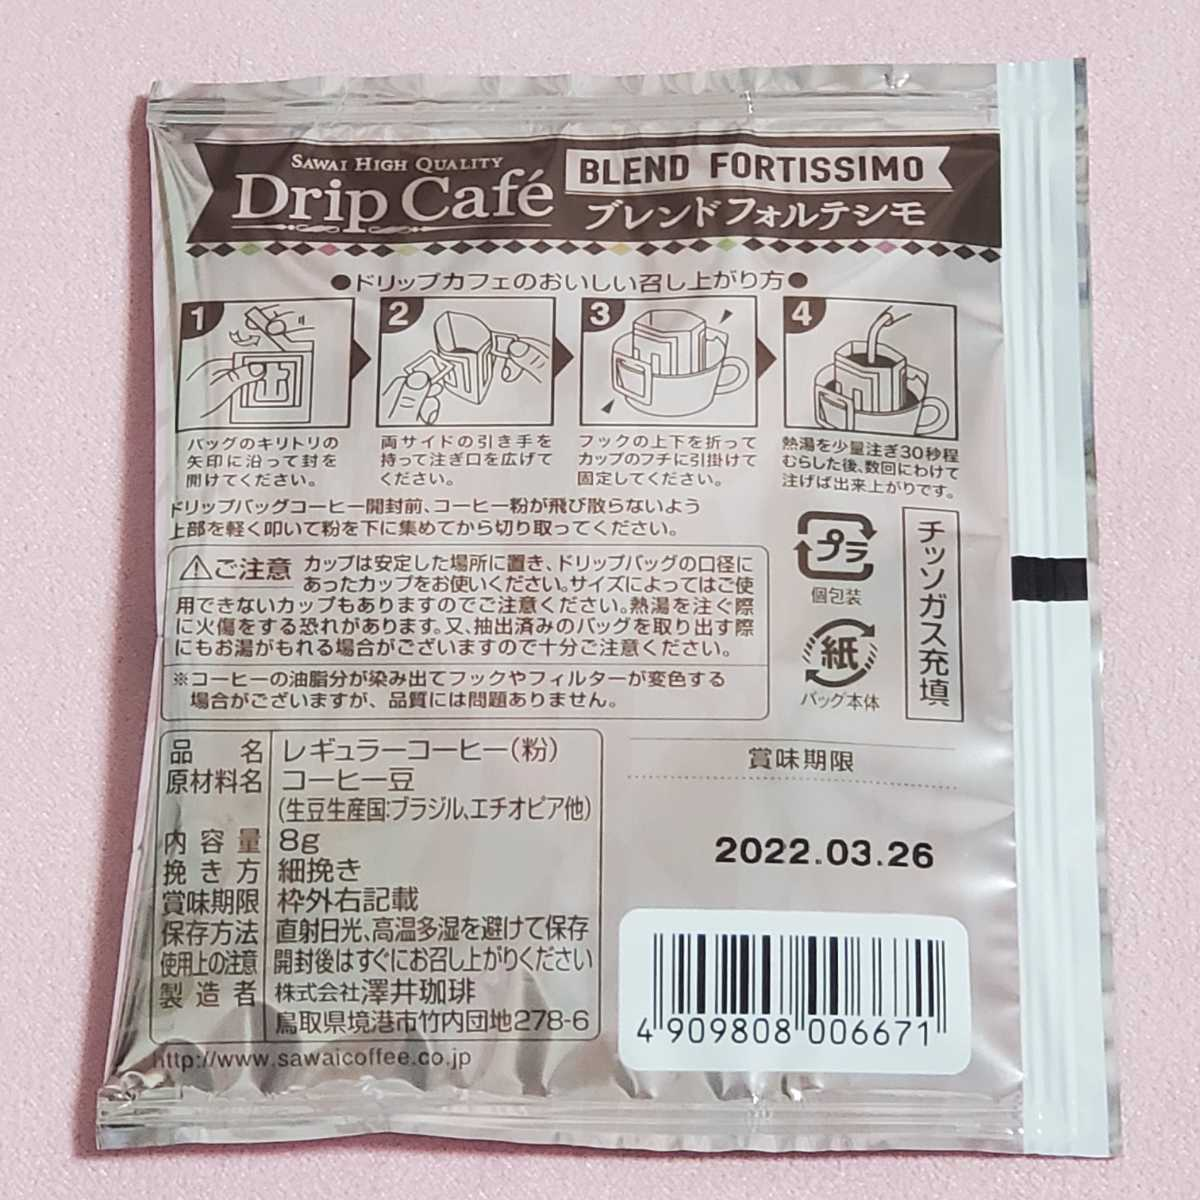 ドリップコーヒー10袋セット☆澤井珈琲☆ブレンドフォルテシモ☆ビクトリーブレンド_画像3